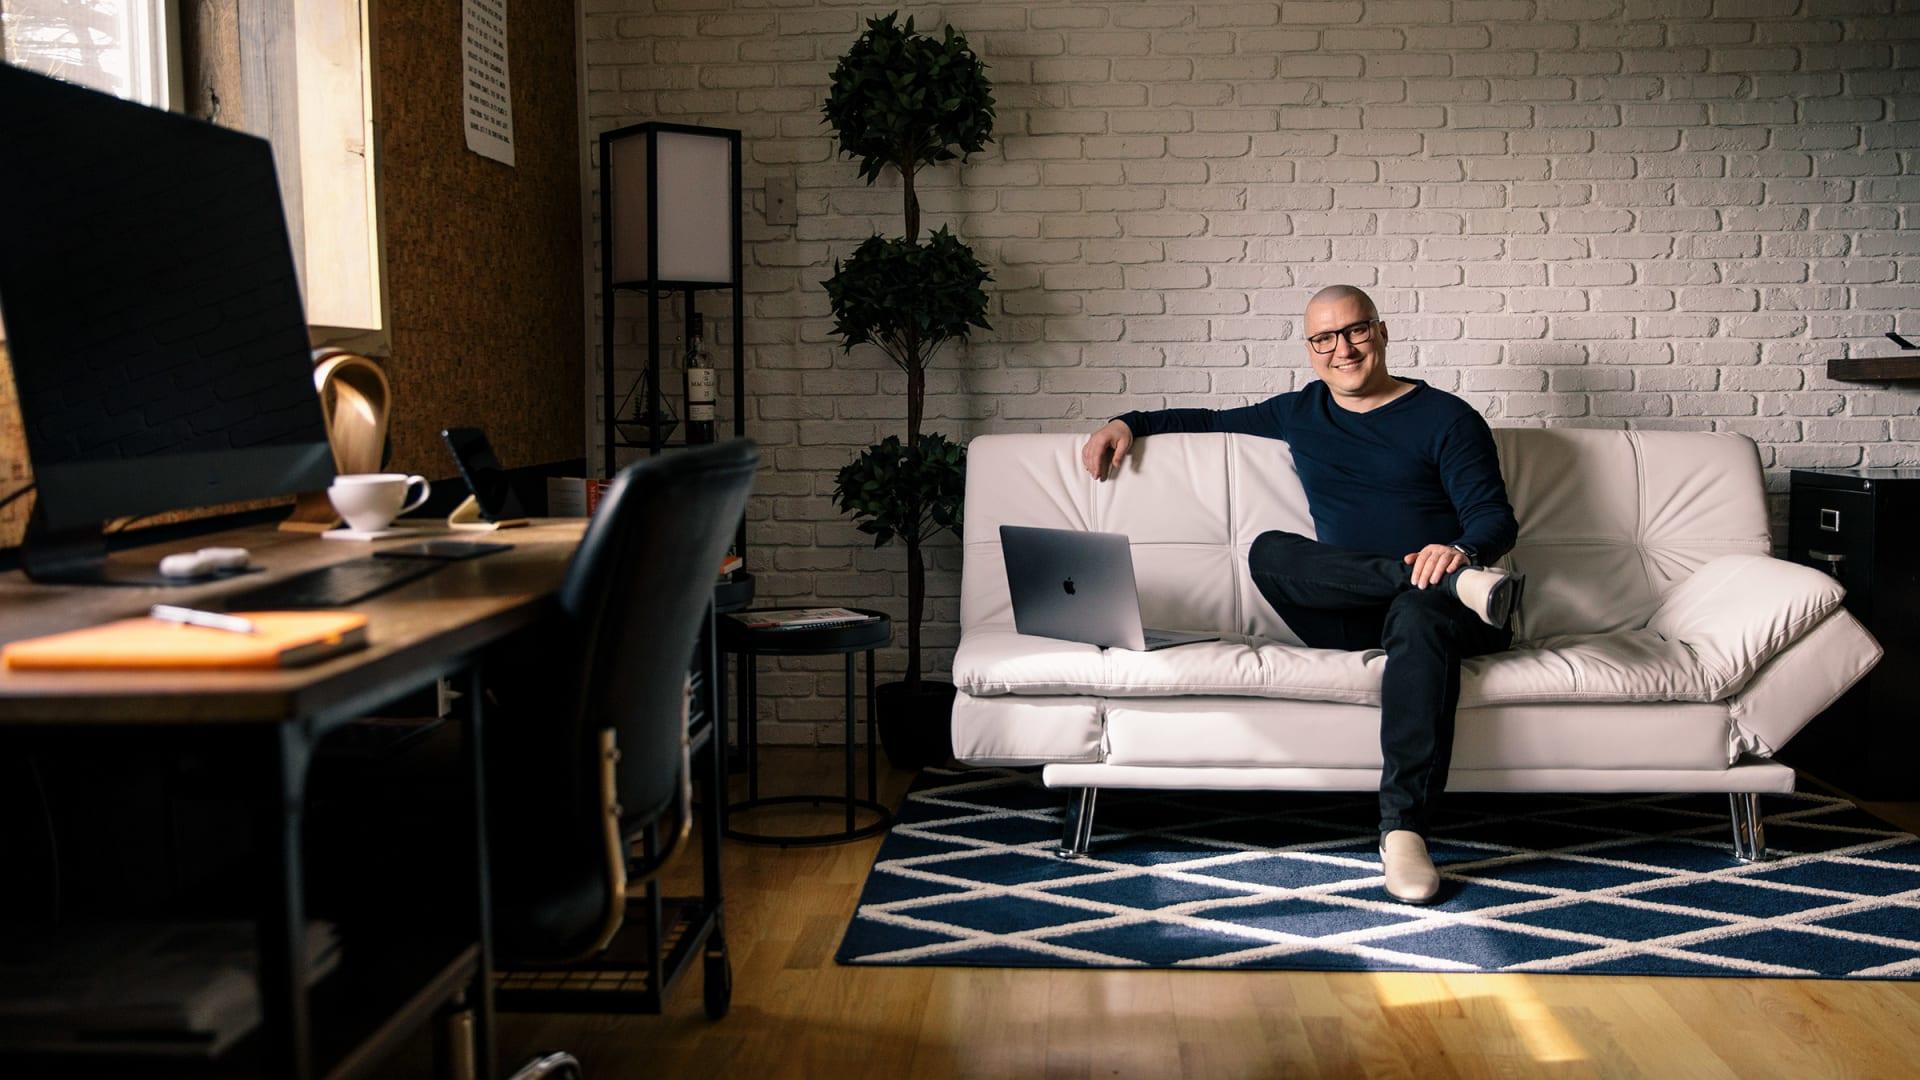 David Boskovic, CEO of Flatfile.